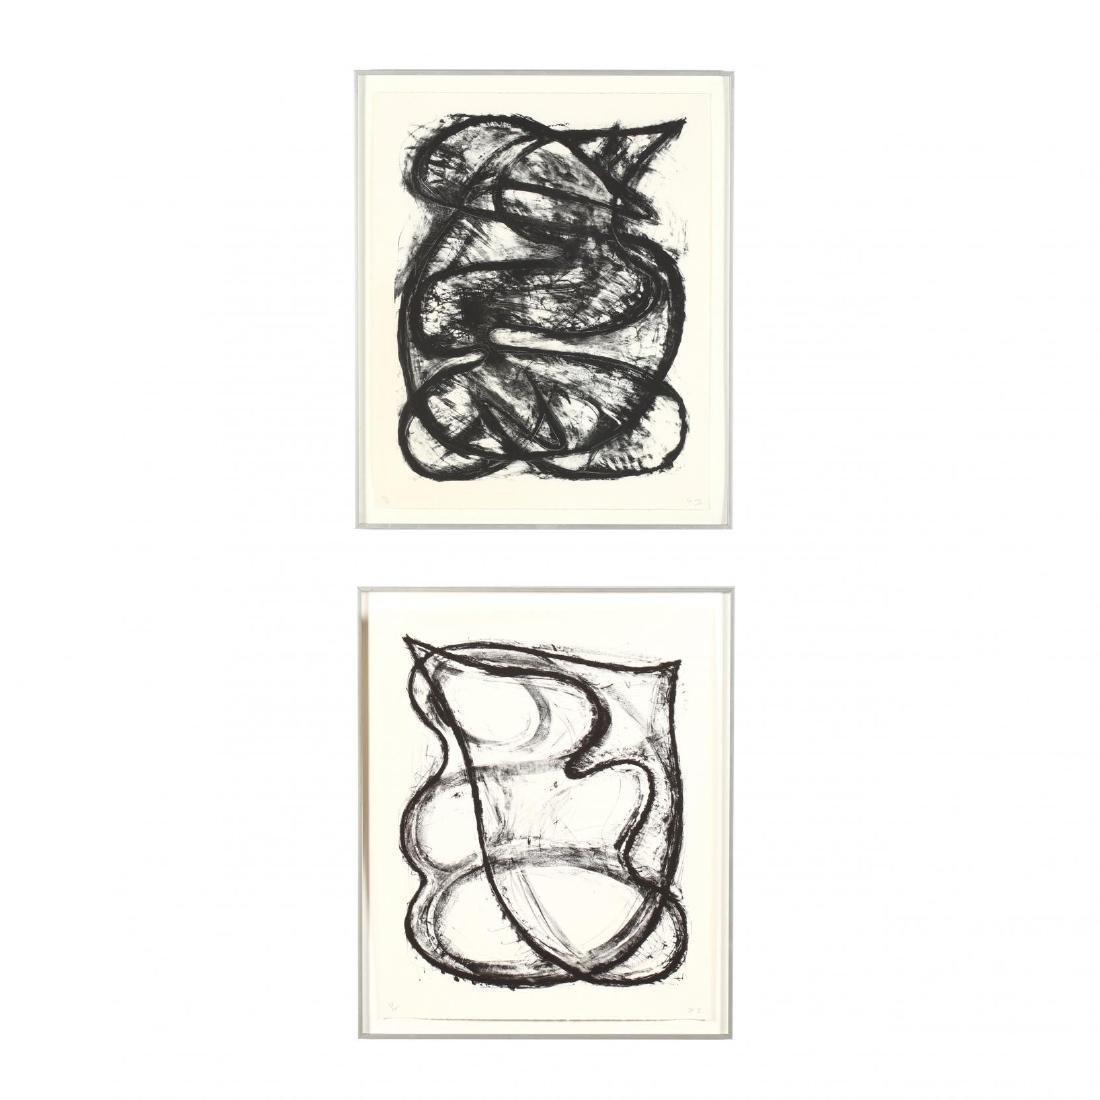 Elizabeth Murray (American, 1940-2007), Untitled